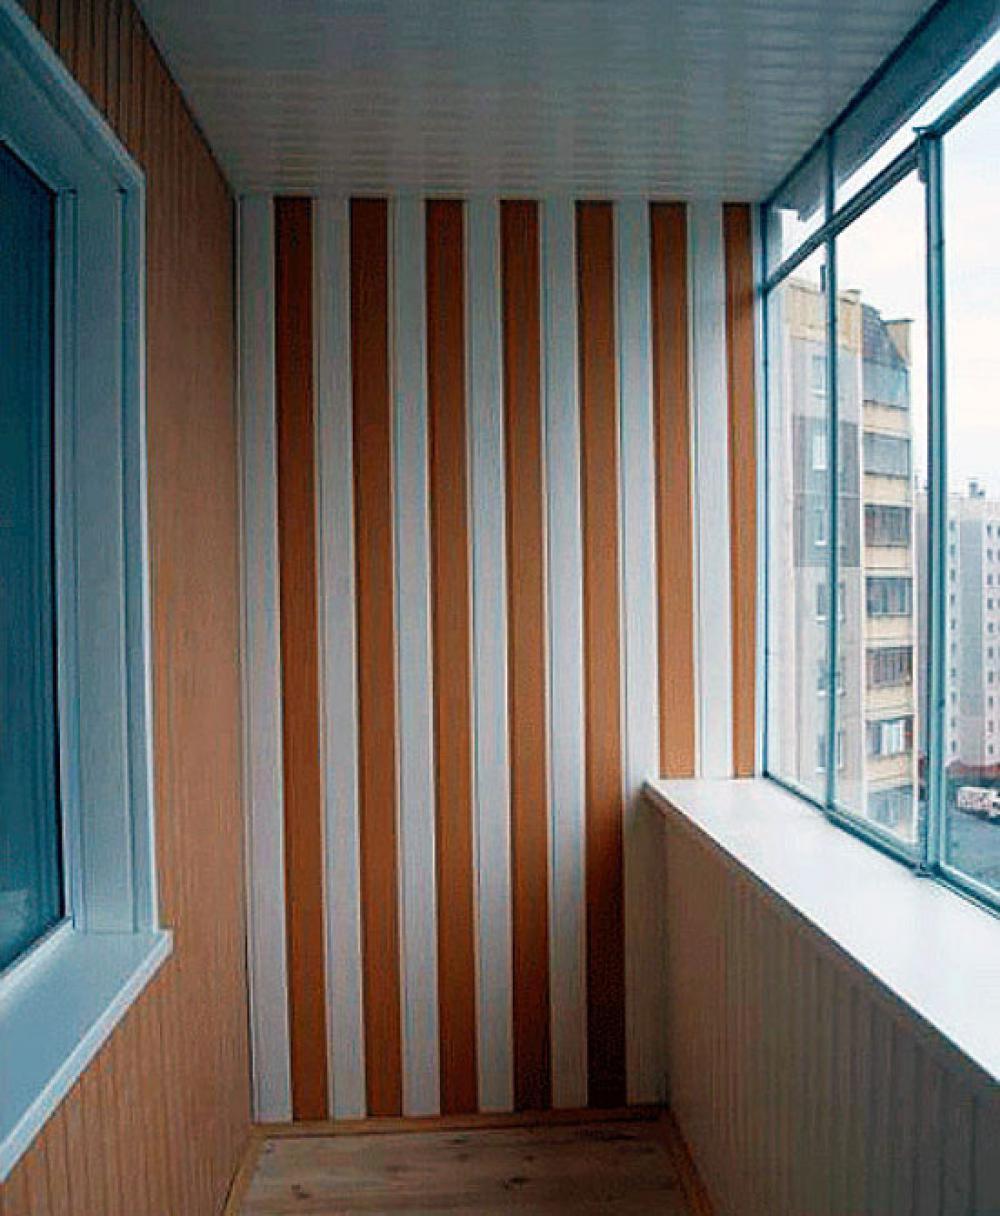 Балконы отделка интересные идеи фото, идеи балконов и лоджий.